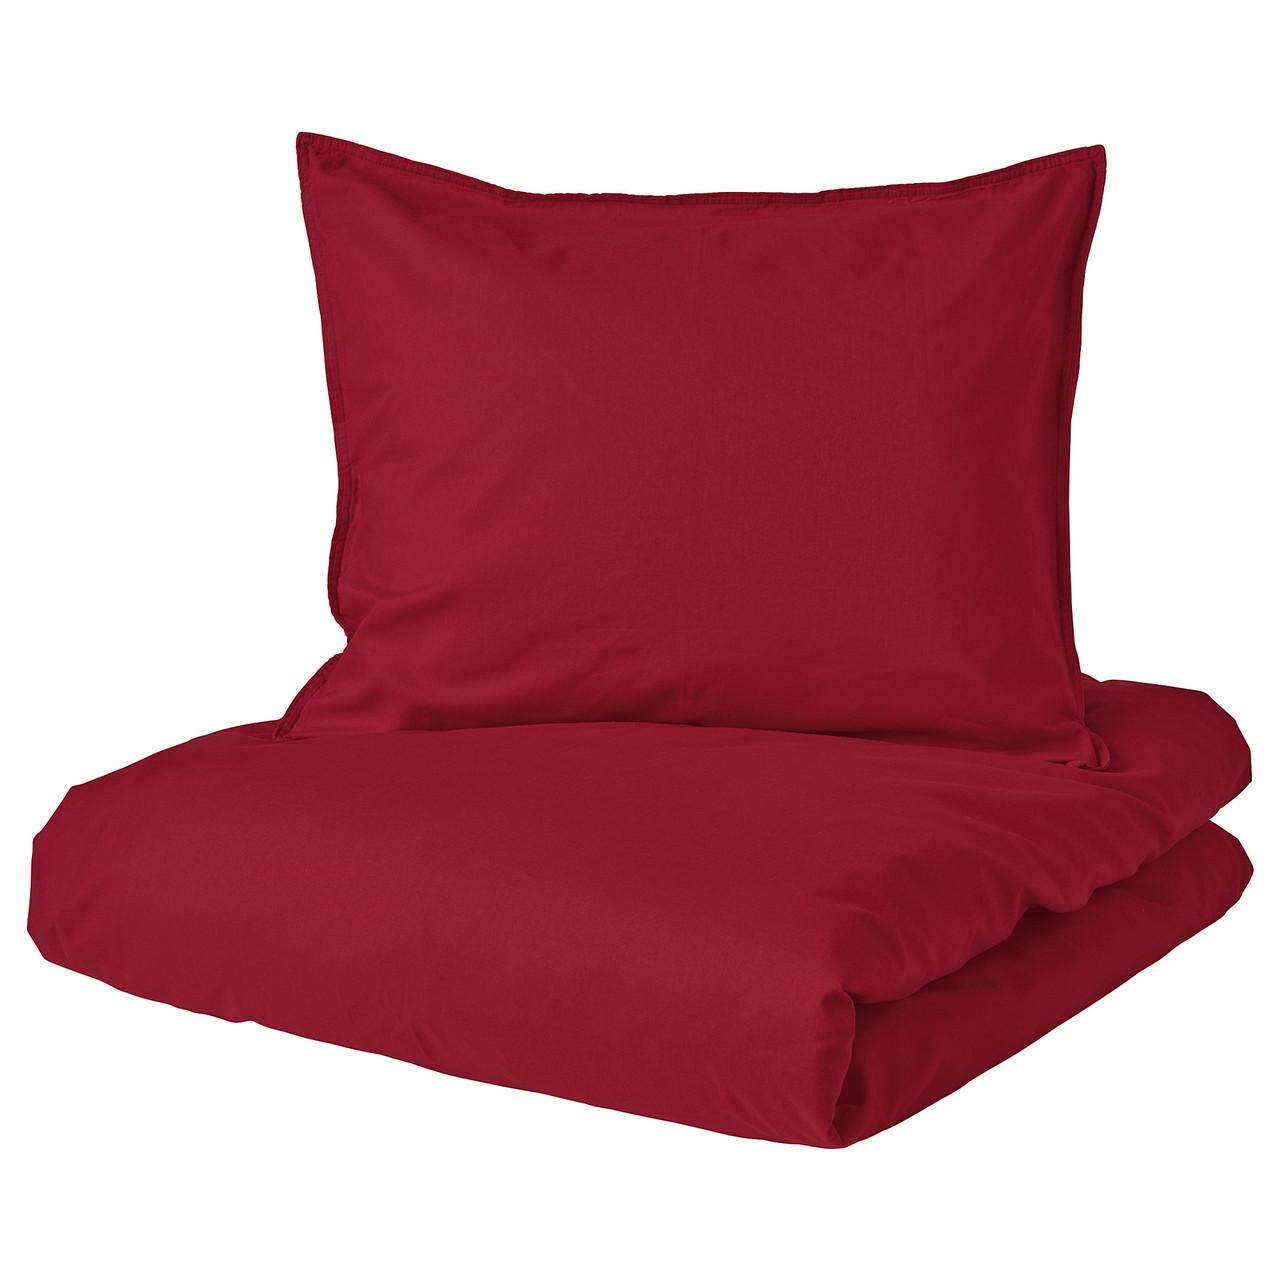 Комплект постельного белья IKEA ÄNGSLILJA 150х200 см 50х60 см красный 604.434.53